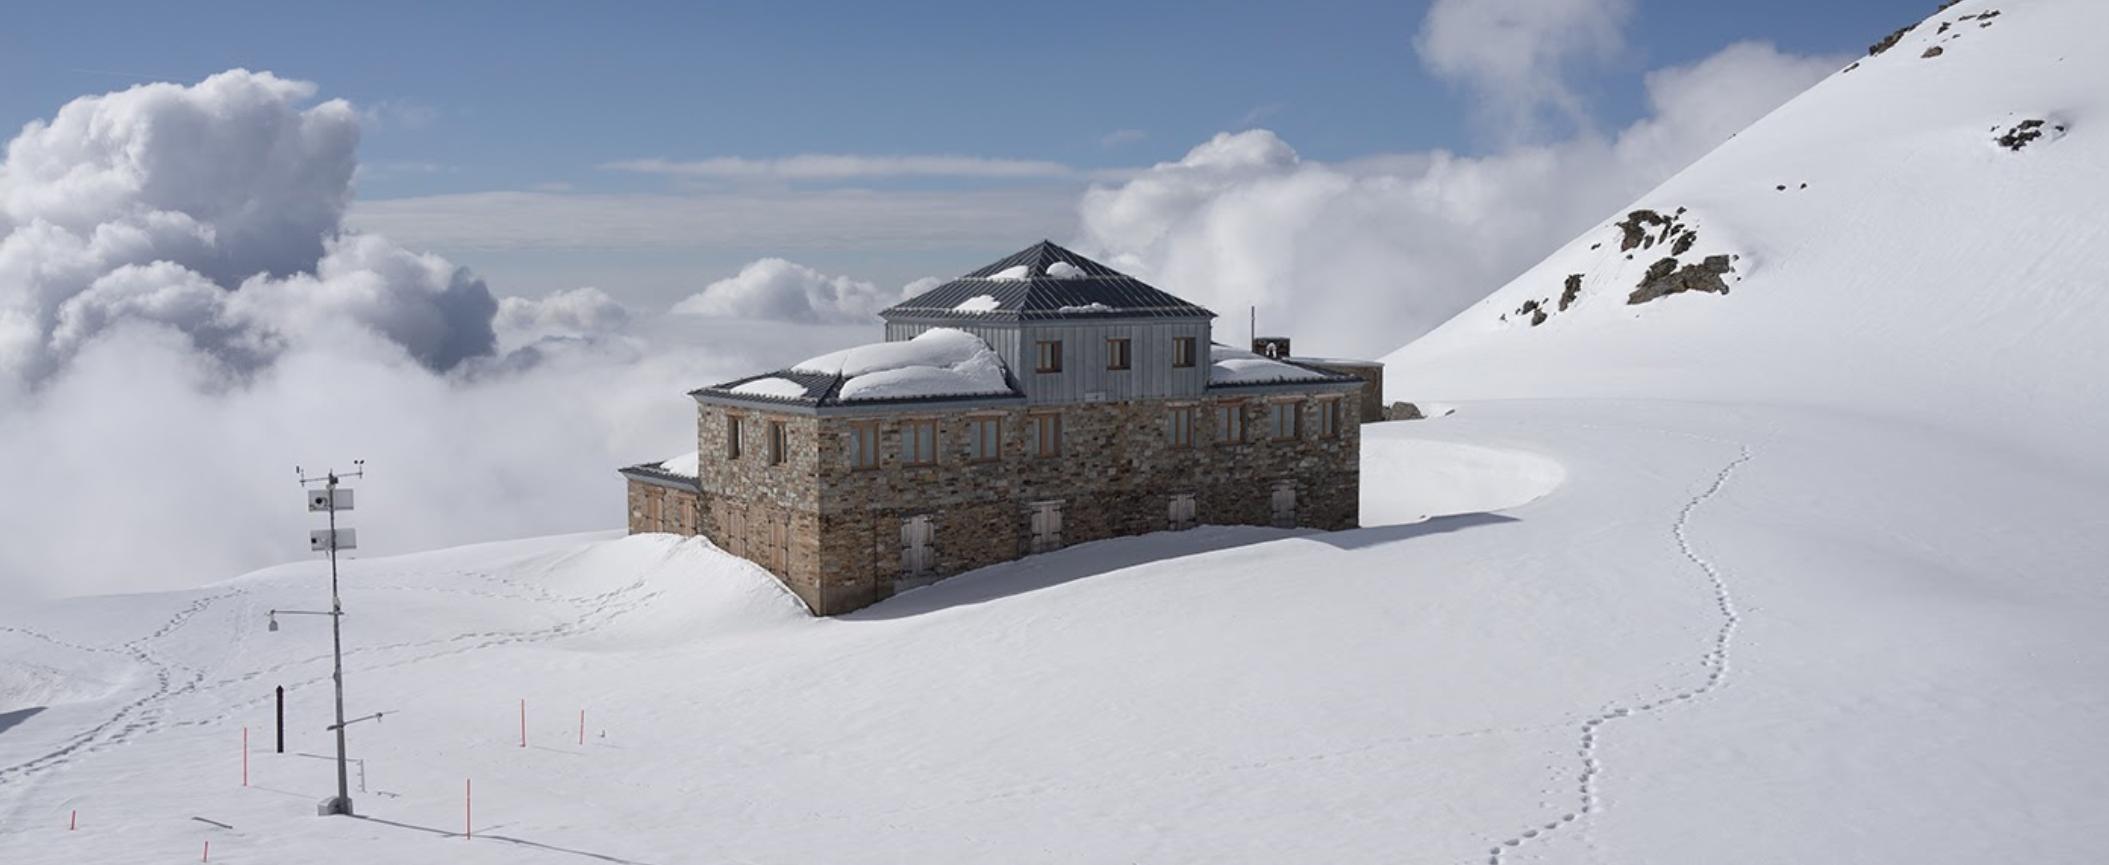 Studiare e ricreare la neve. Il nuovo poetico progetto di Laura Pugno per il MUSE di Trento